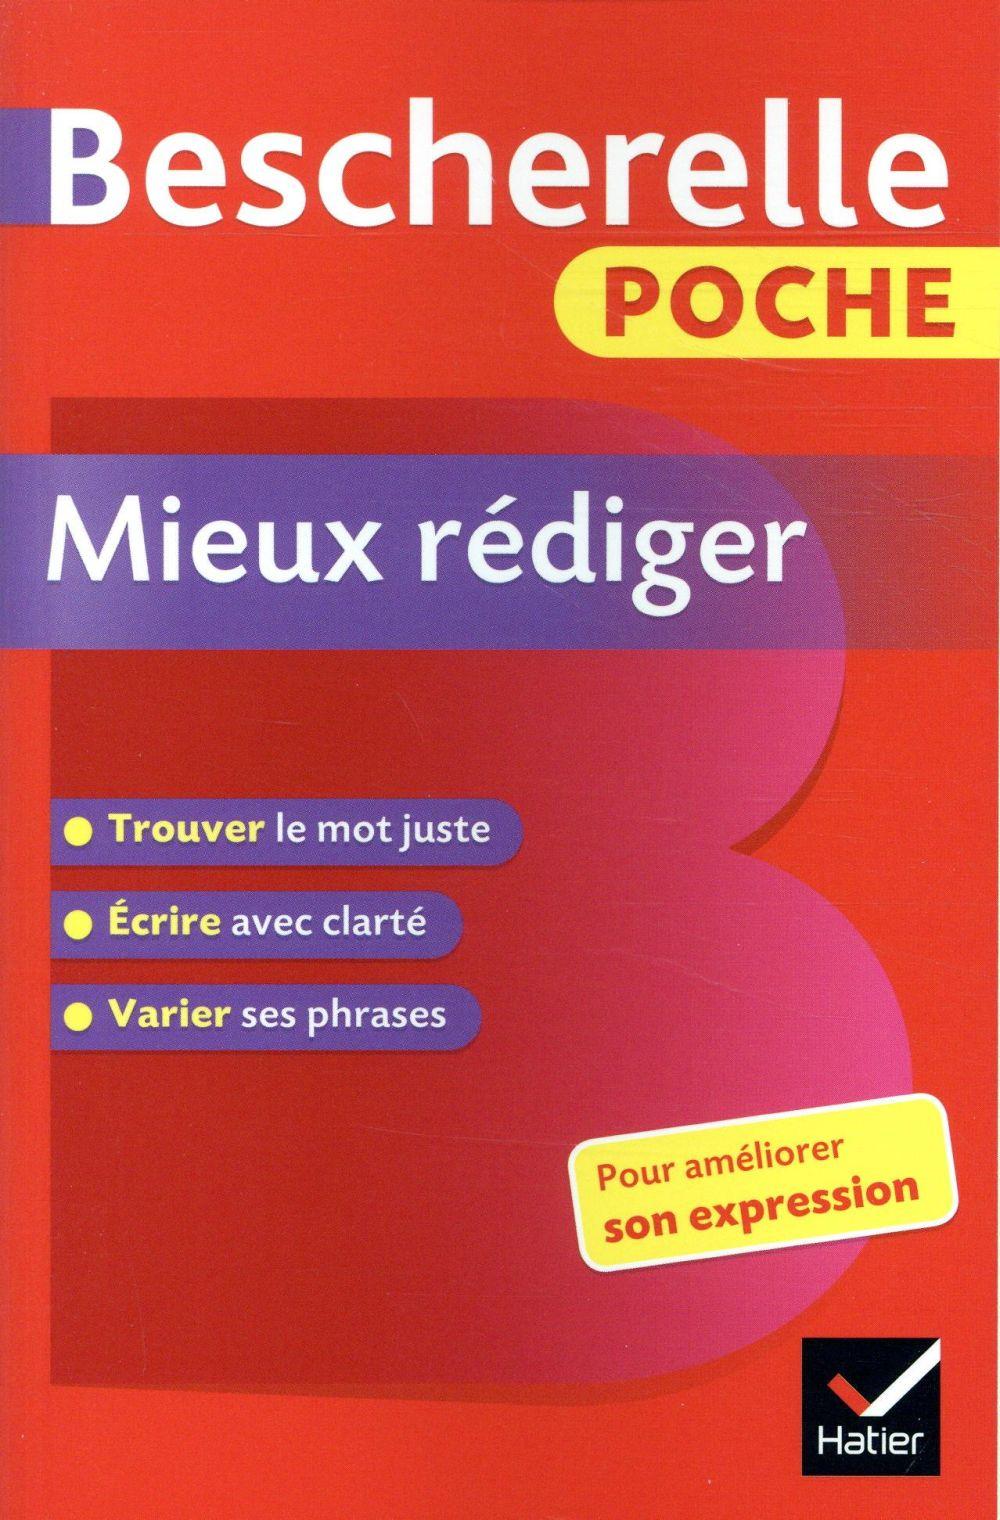 BESCHERELLE POCHE MIEUX REDIGER - L'ESSENTIEL POUR AMELIORER SON EXPRESSION LESOT ADELINE HATIER SCOLAIRE